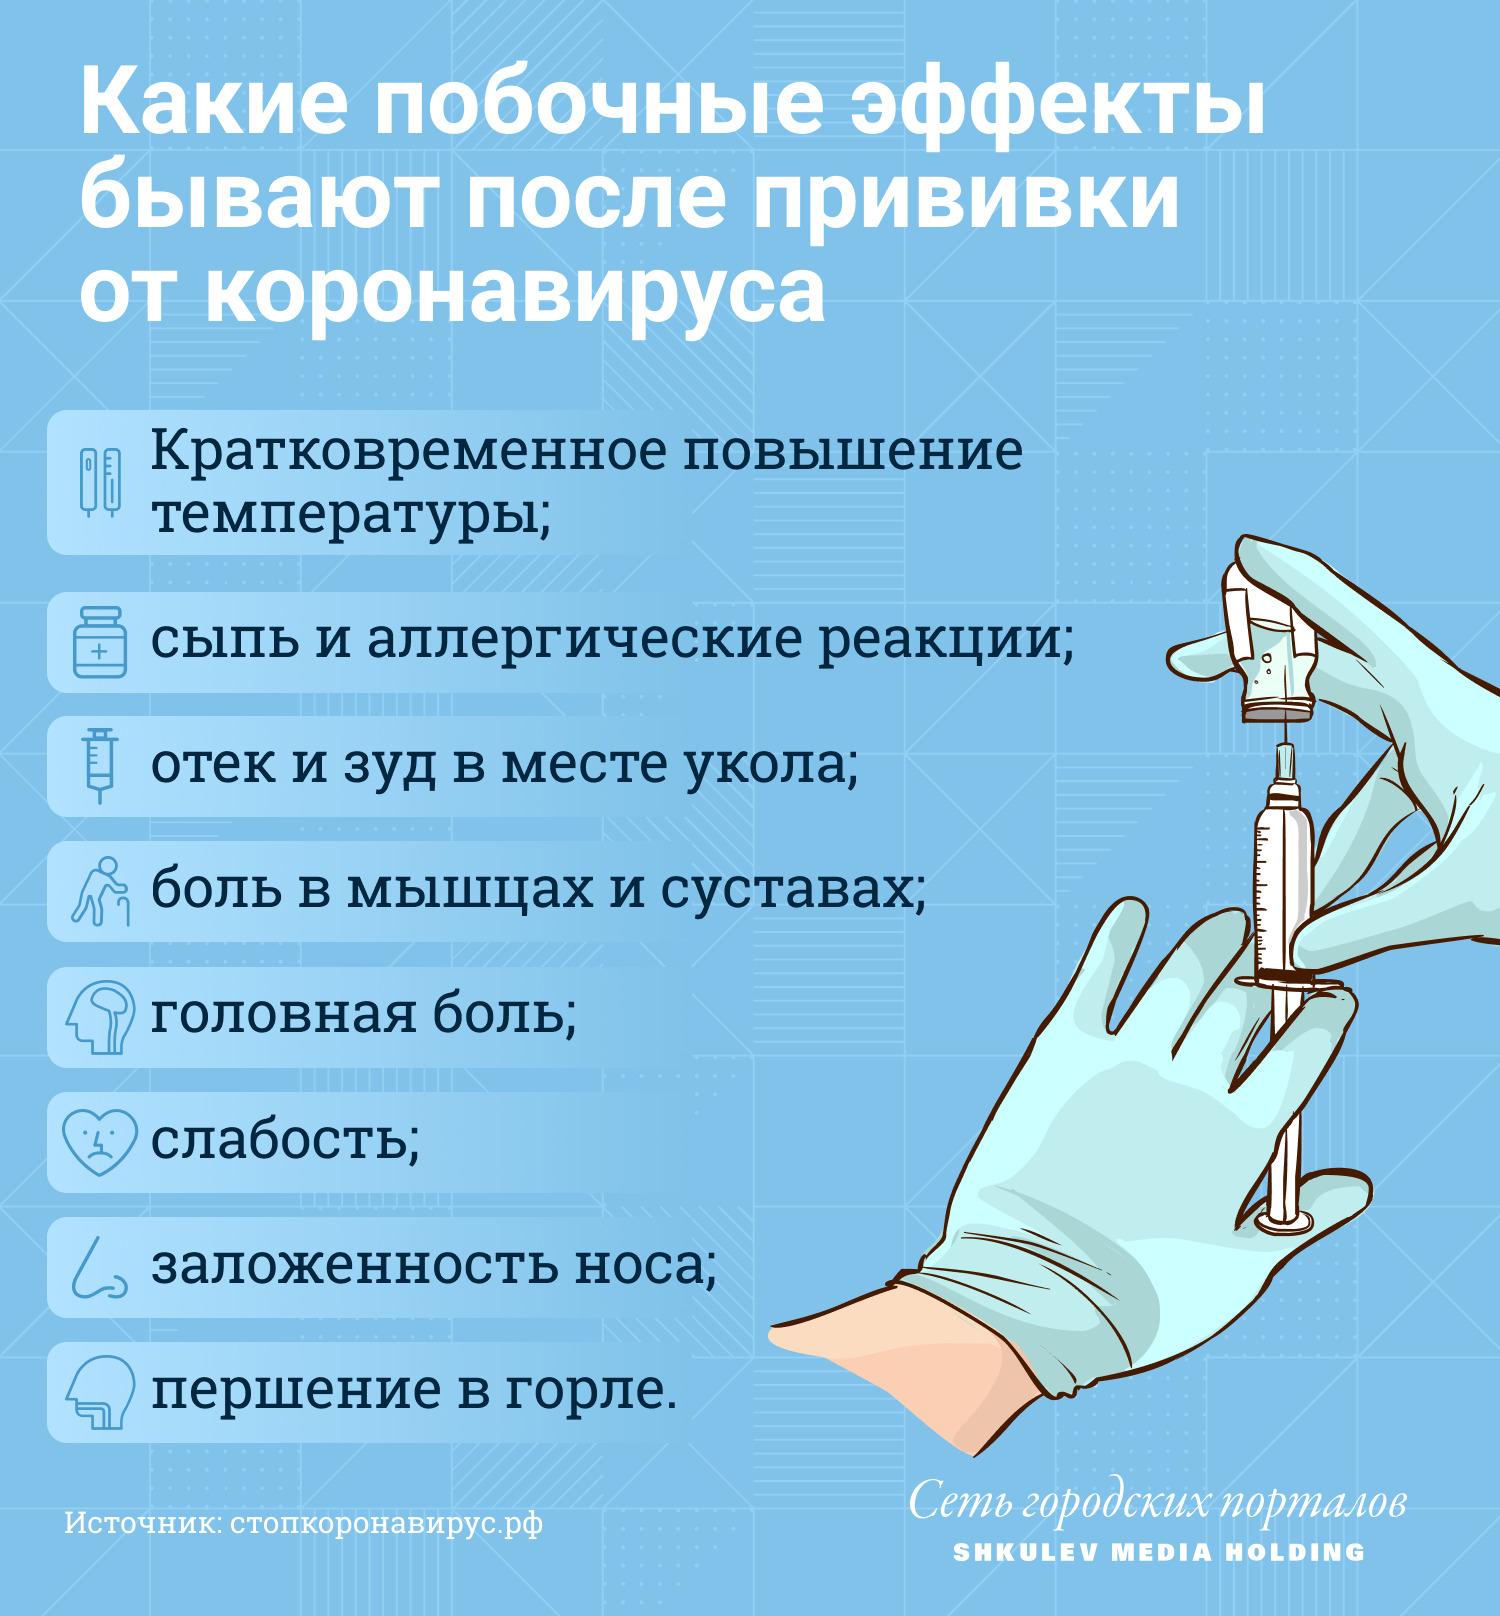 Если после первой прививки были серьезные побочные эффекты, то Минздрав рекомендует ревакцинироваться другой вакциной